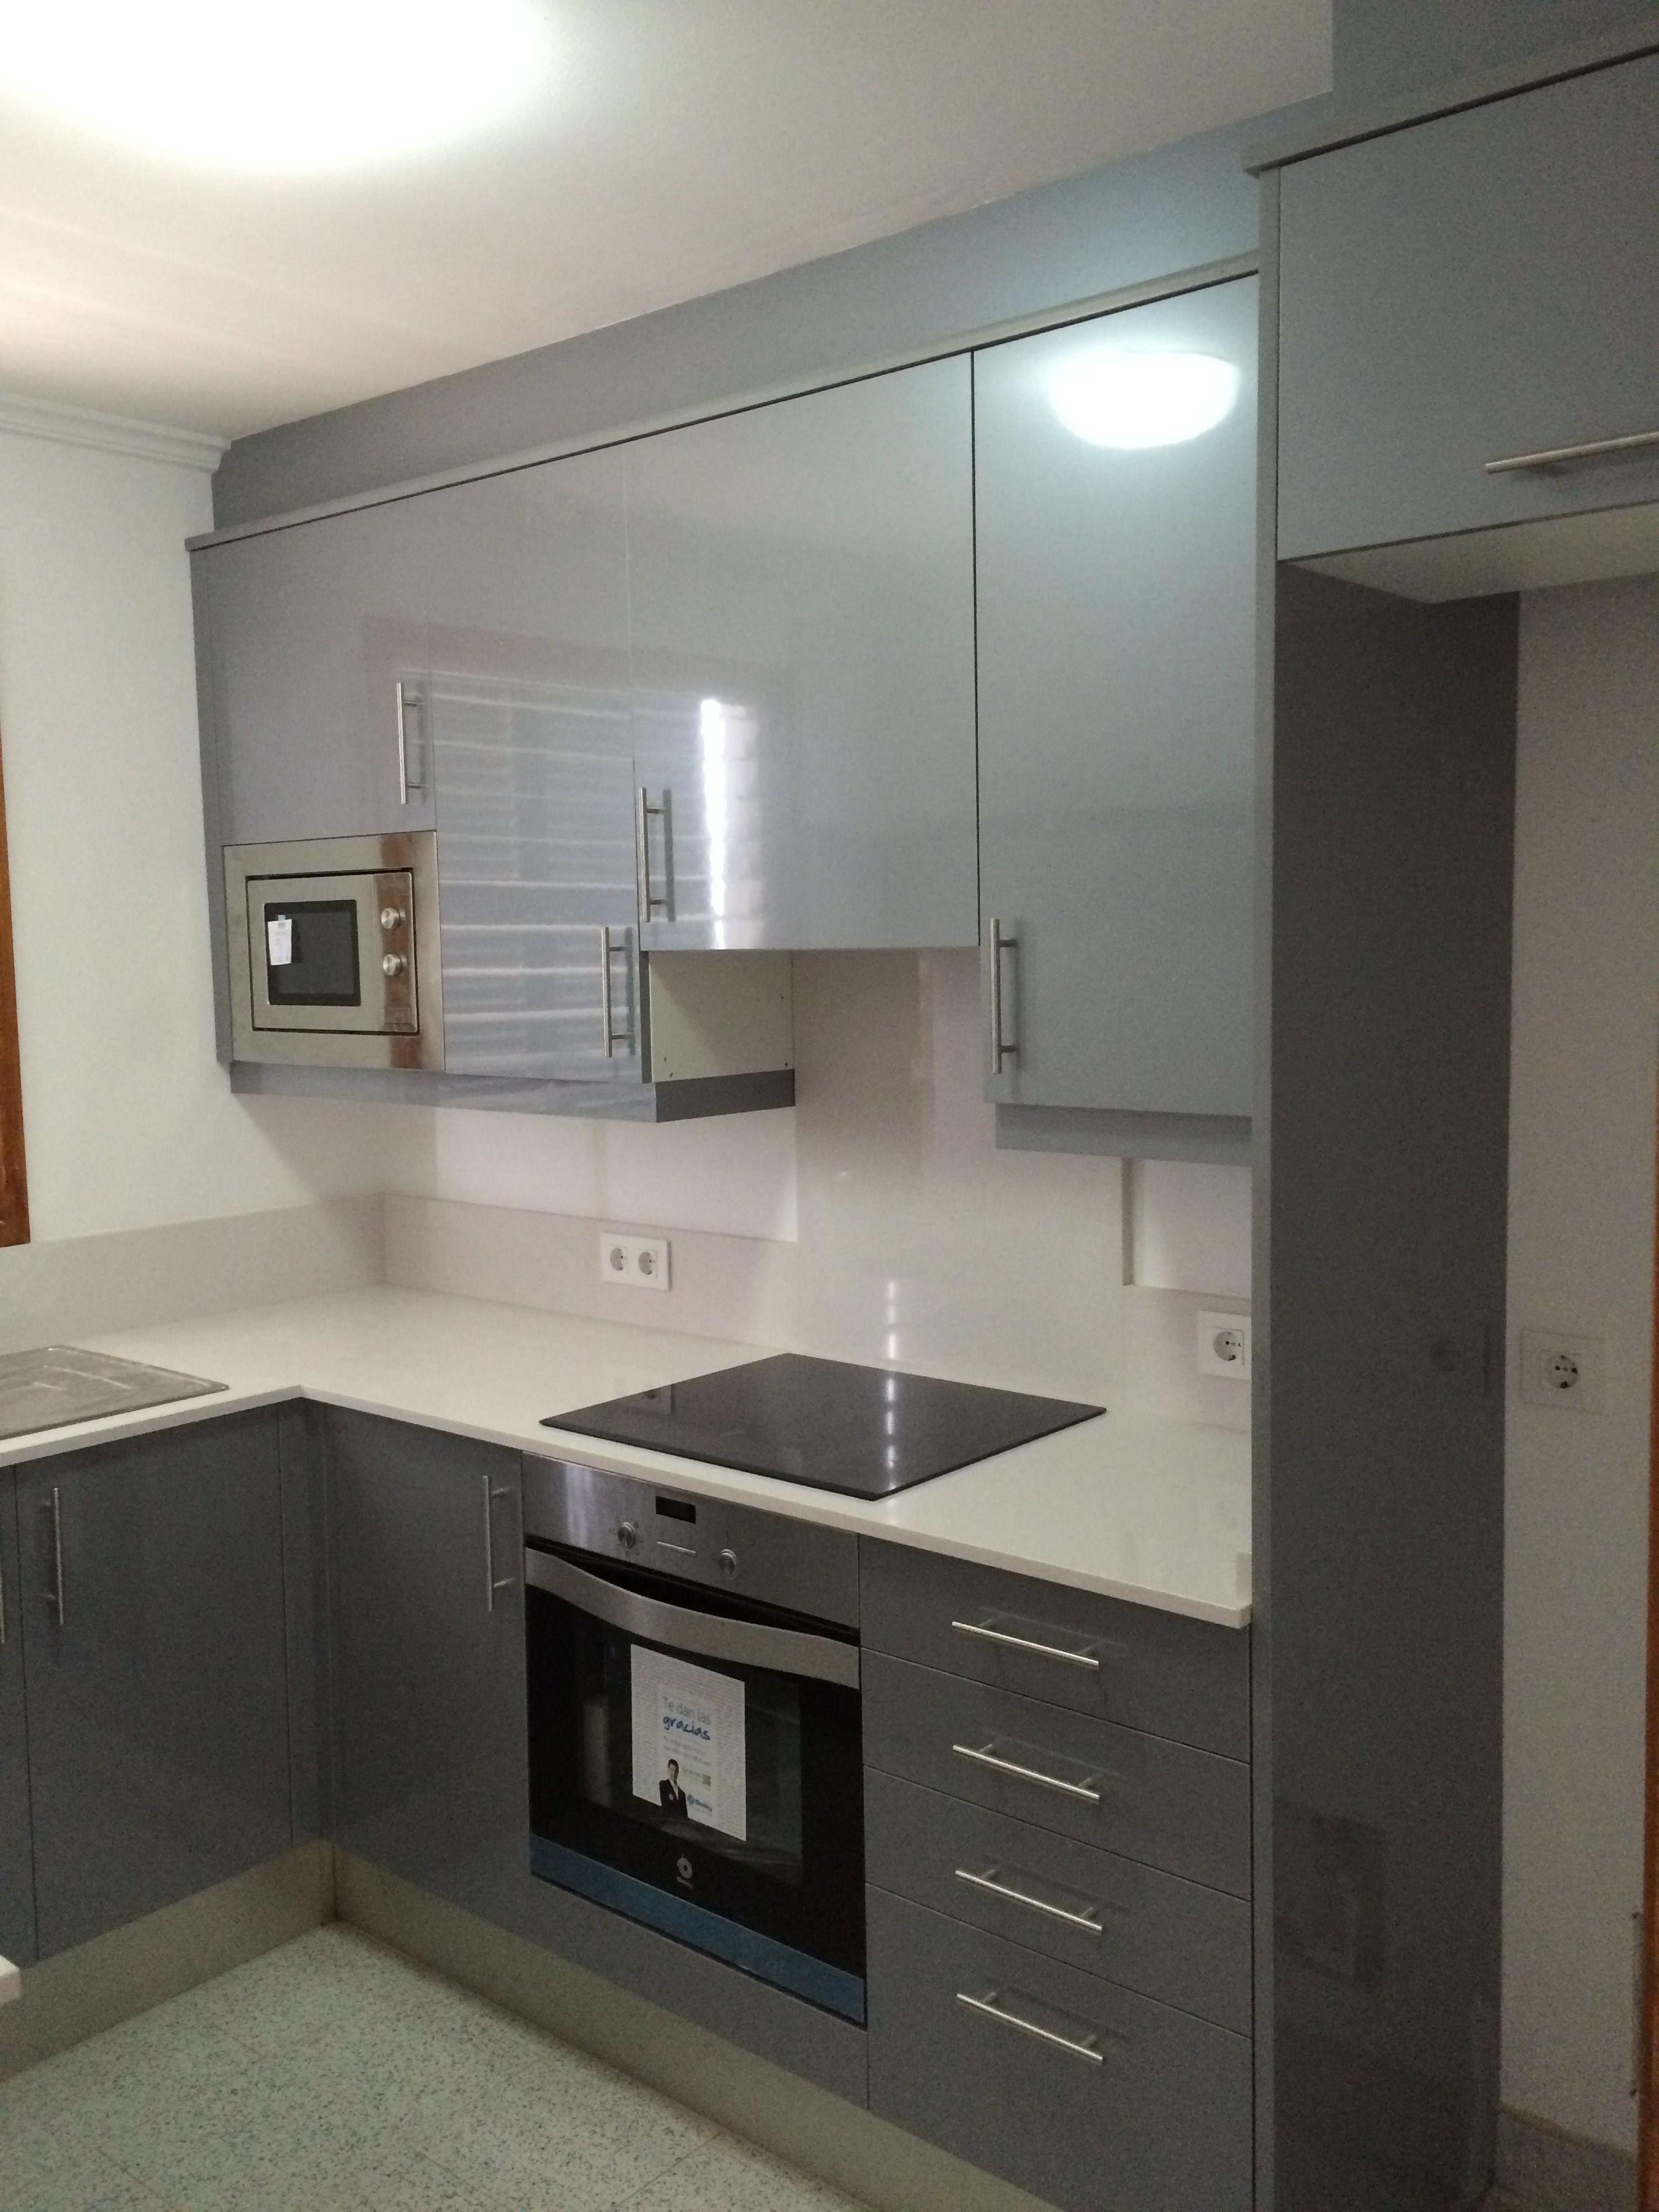 cocina de peque as dimensiones en gris con silestone